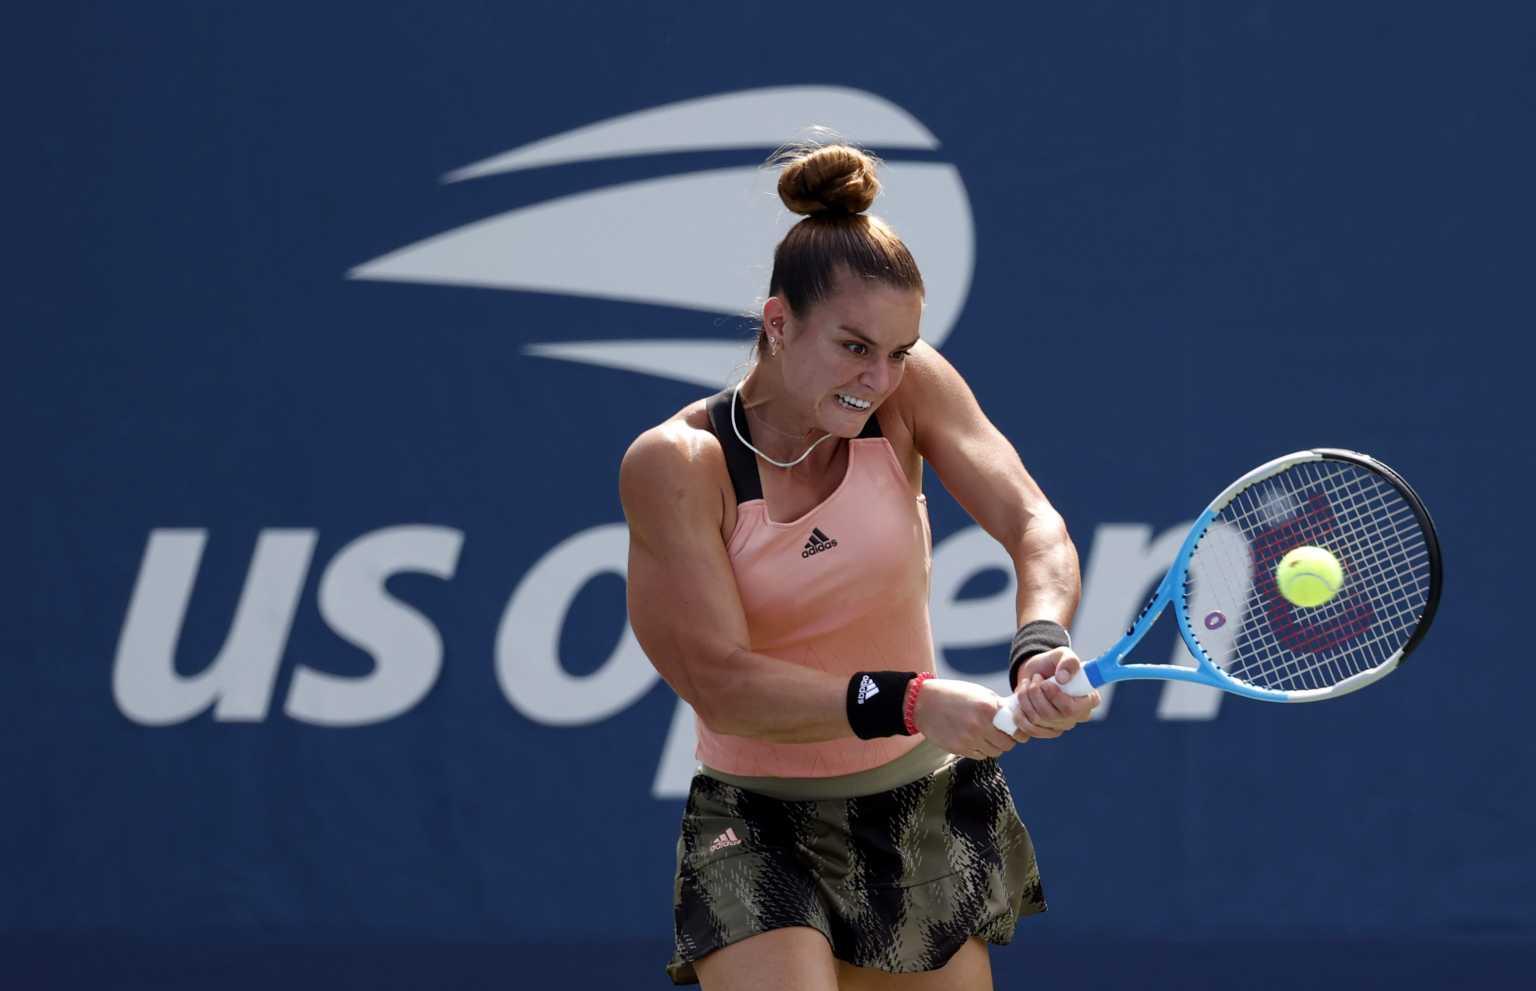 Μάρτα Κόστγιουκ – Μαρία Σάκκαρη 0-2: Καλή «προπόνηση» στο US Open, τρίτωσε το «καλό»